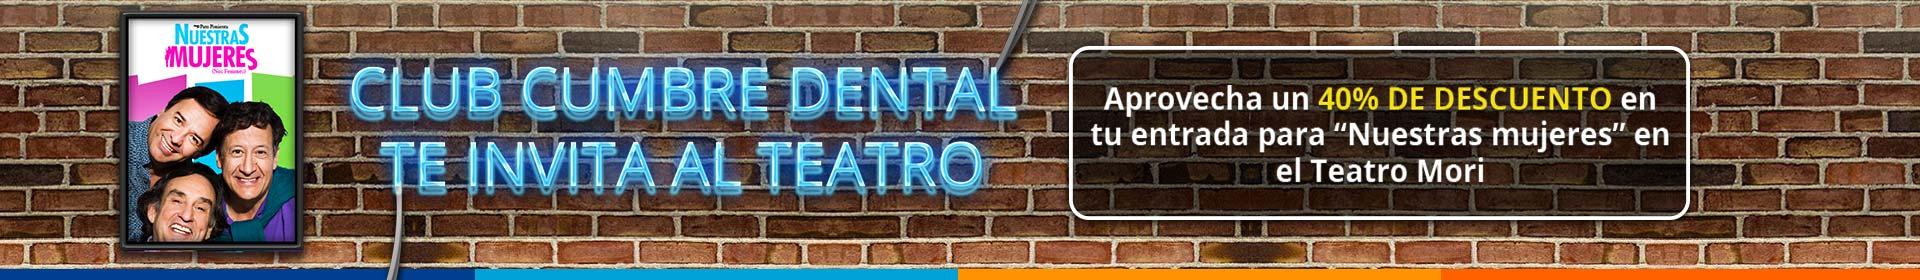 head-cumbre-dental-2